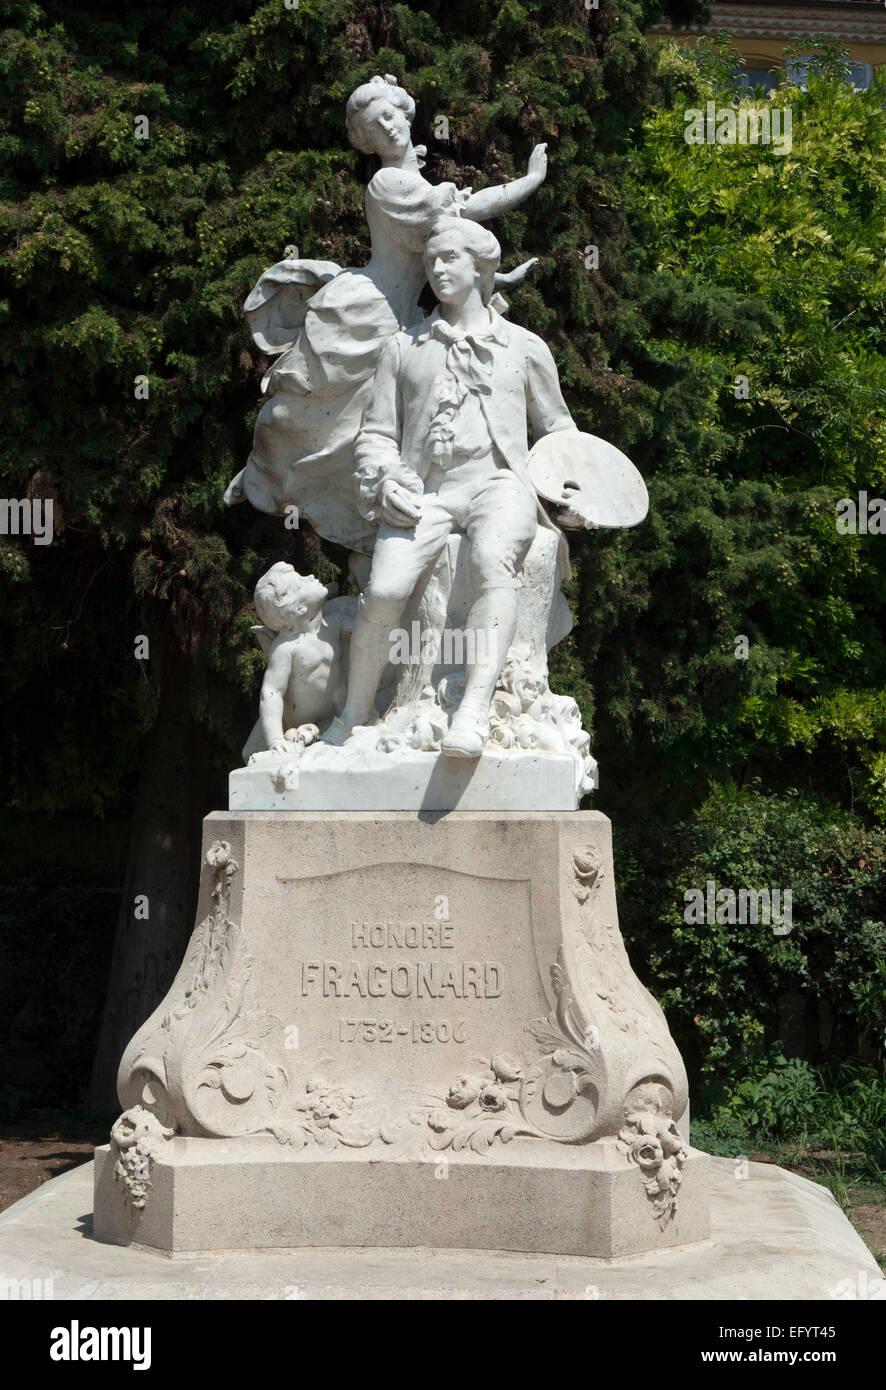 grasse southern france statue of honor fragonard stock. Black Bedroom Furniture Sets. Home Design Ideas